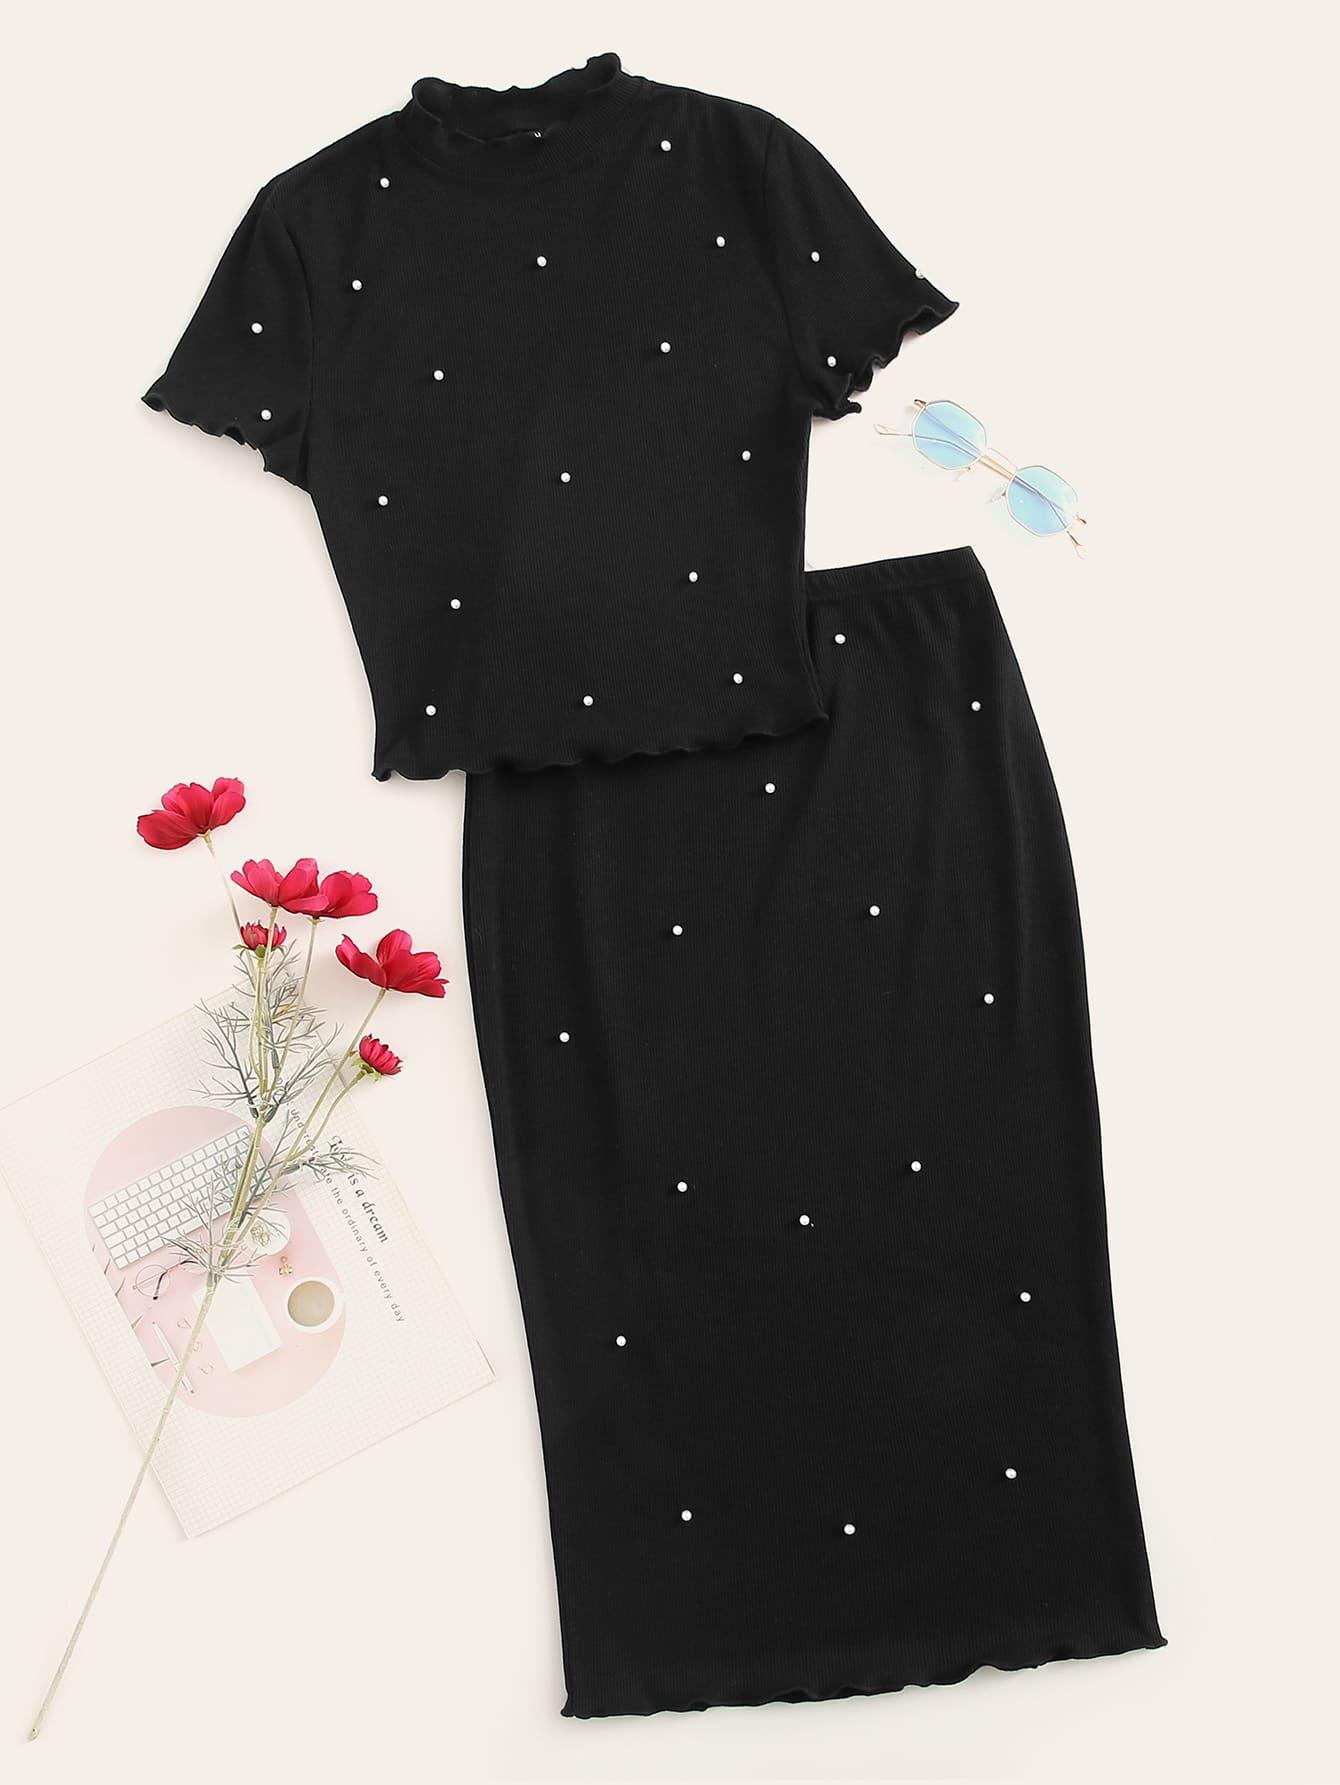 Фото - Топ со стоячим воротником бисерами и оригинальной отделкой и юбка от SheIn черного цвета